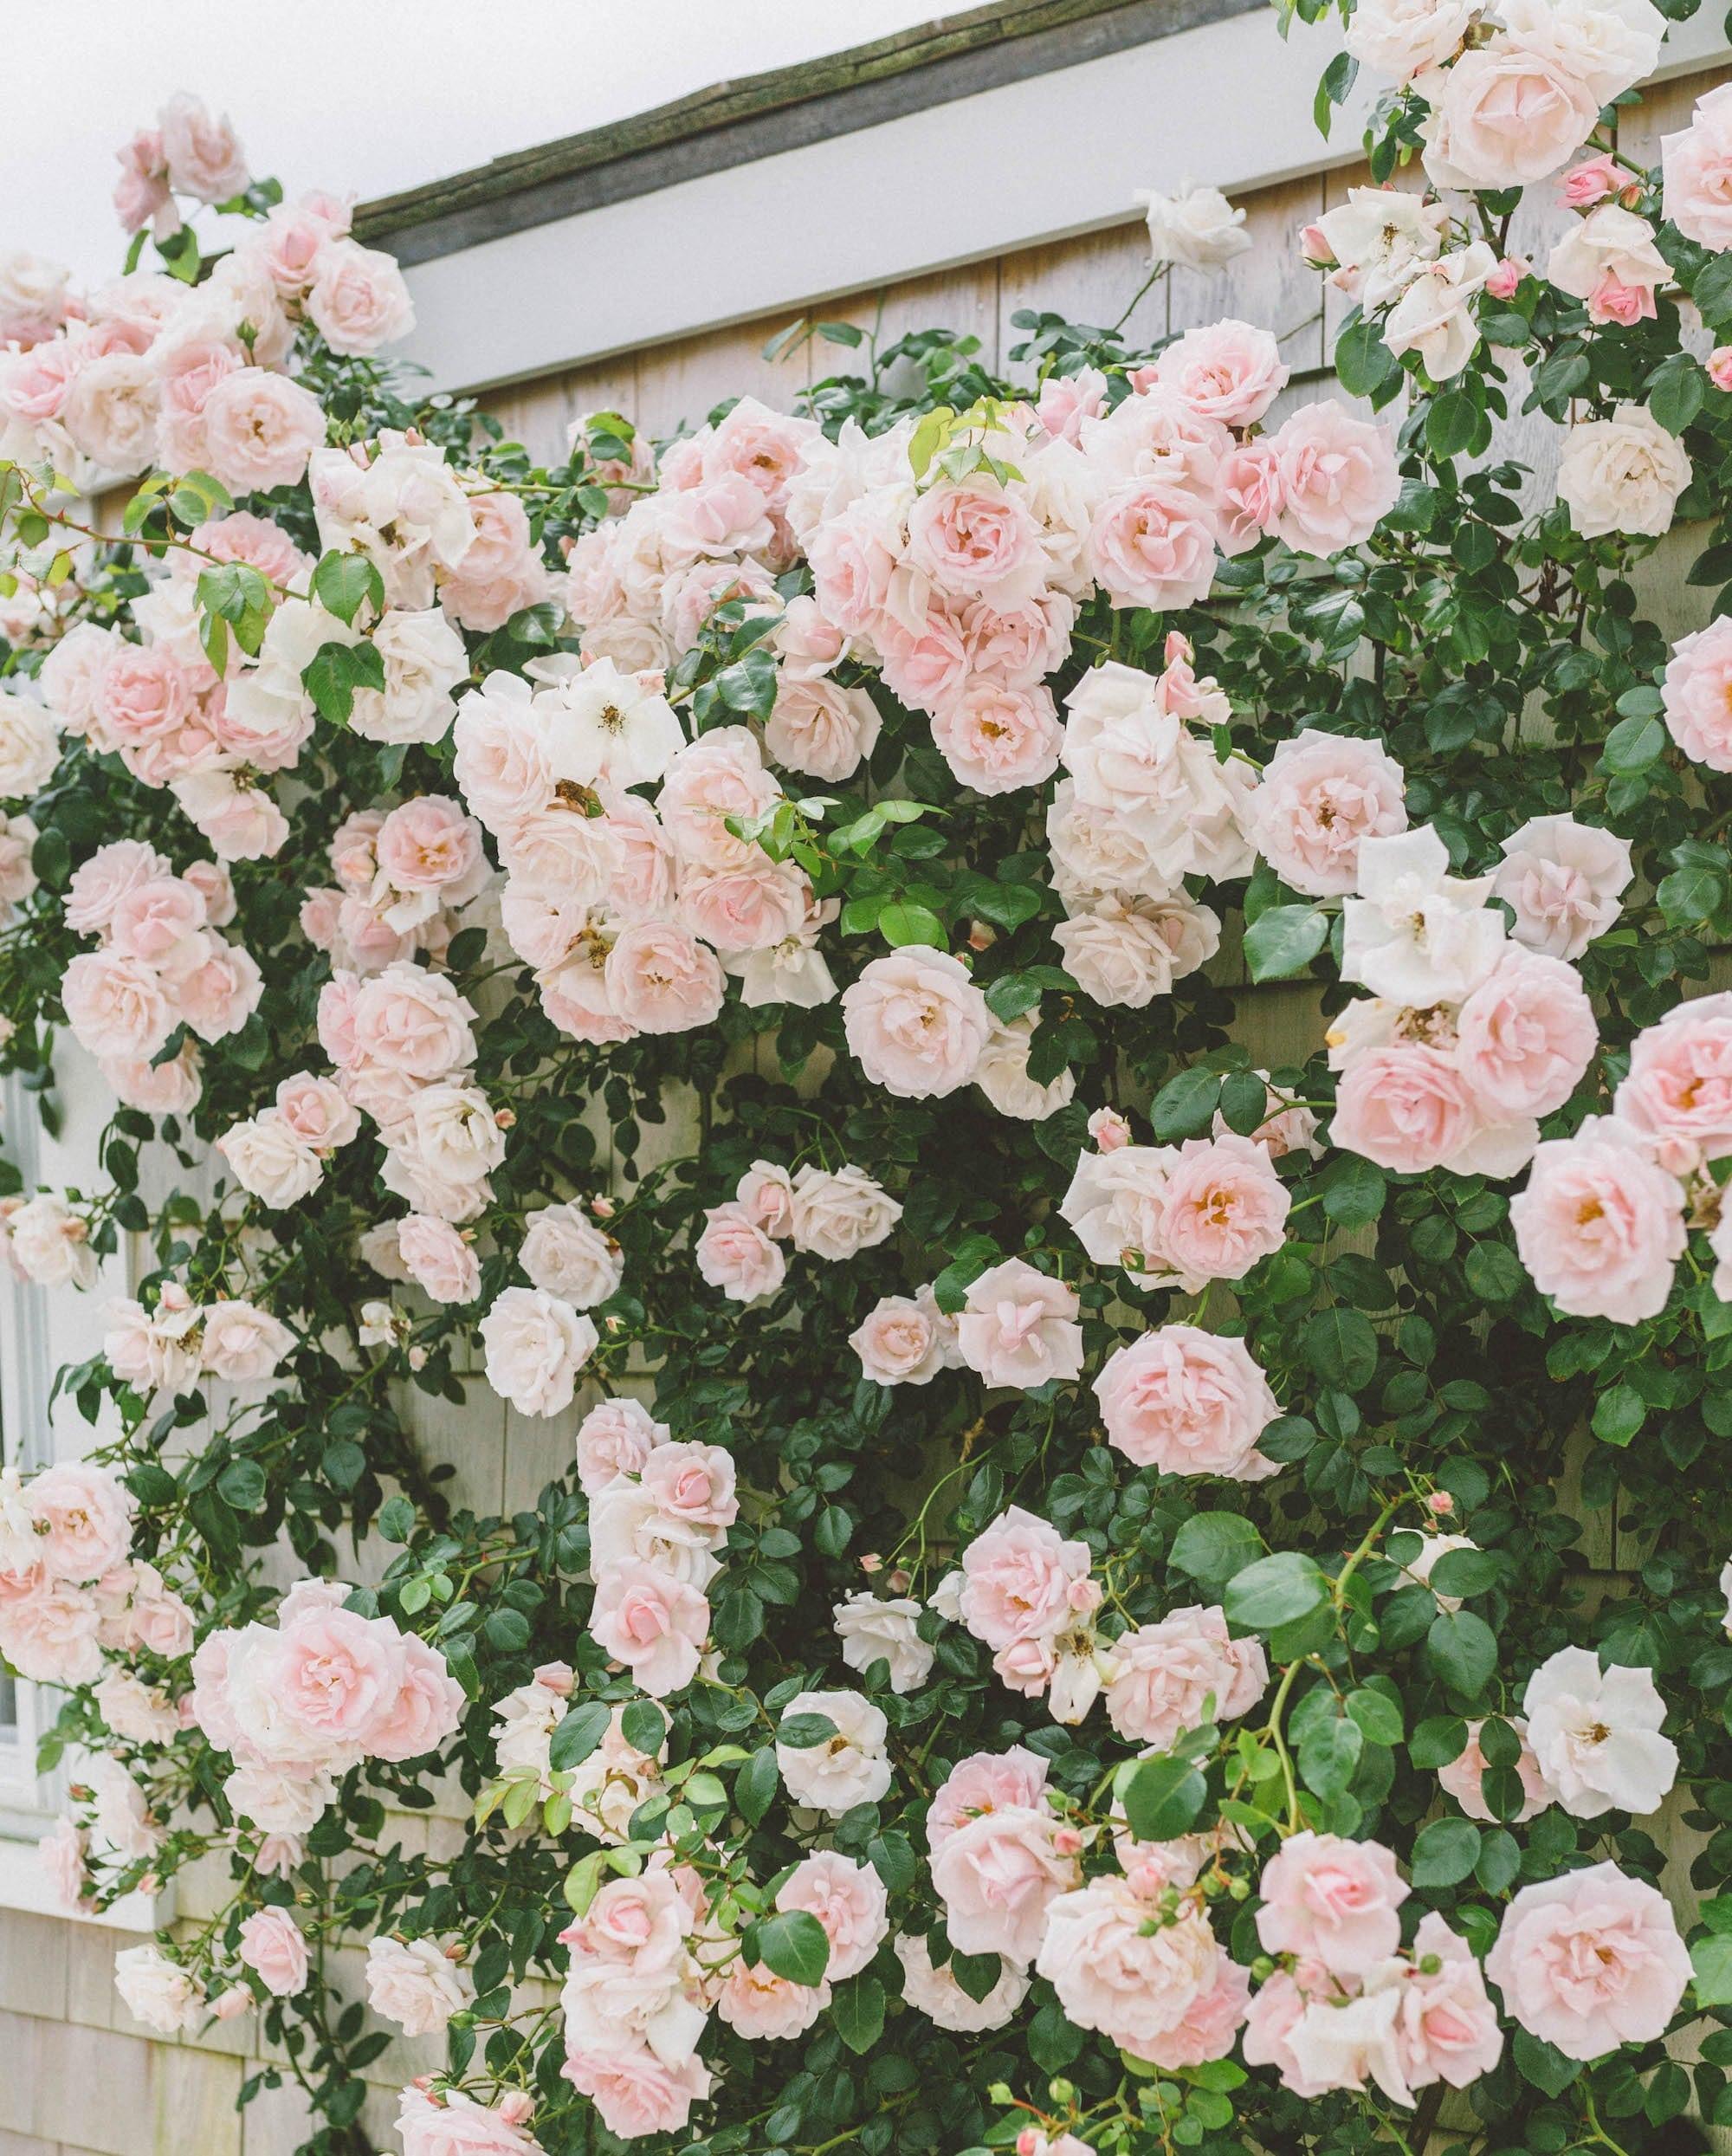 Roses in Nantucket